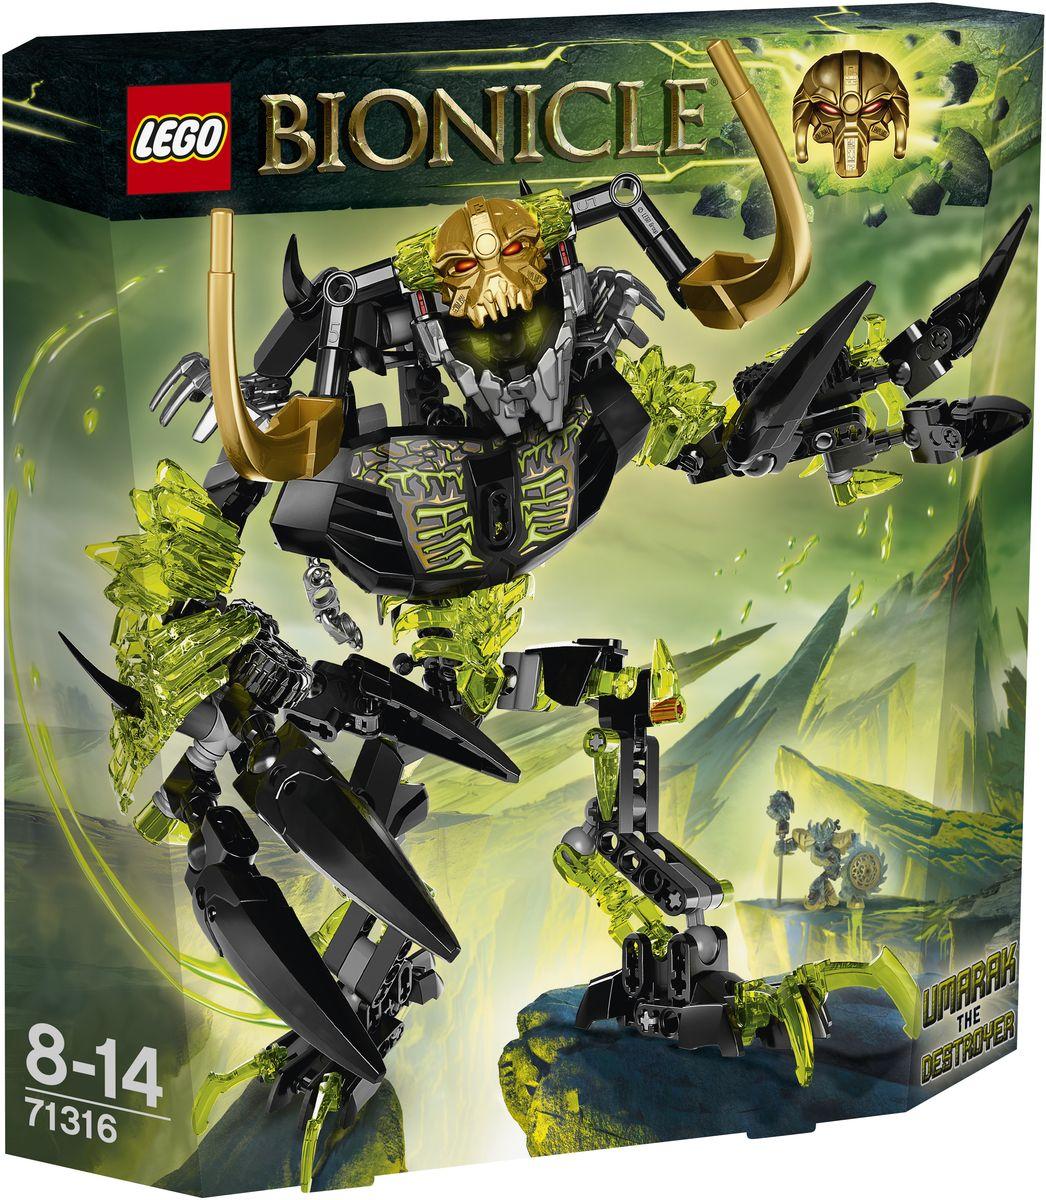 LEGO BIONICLE Конструктор Умарак-Разрушитель 71316